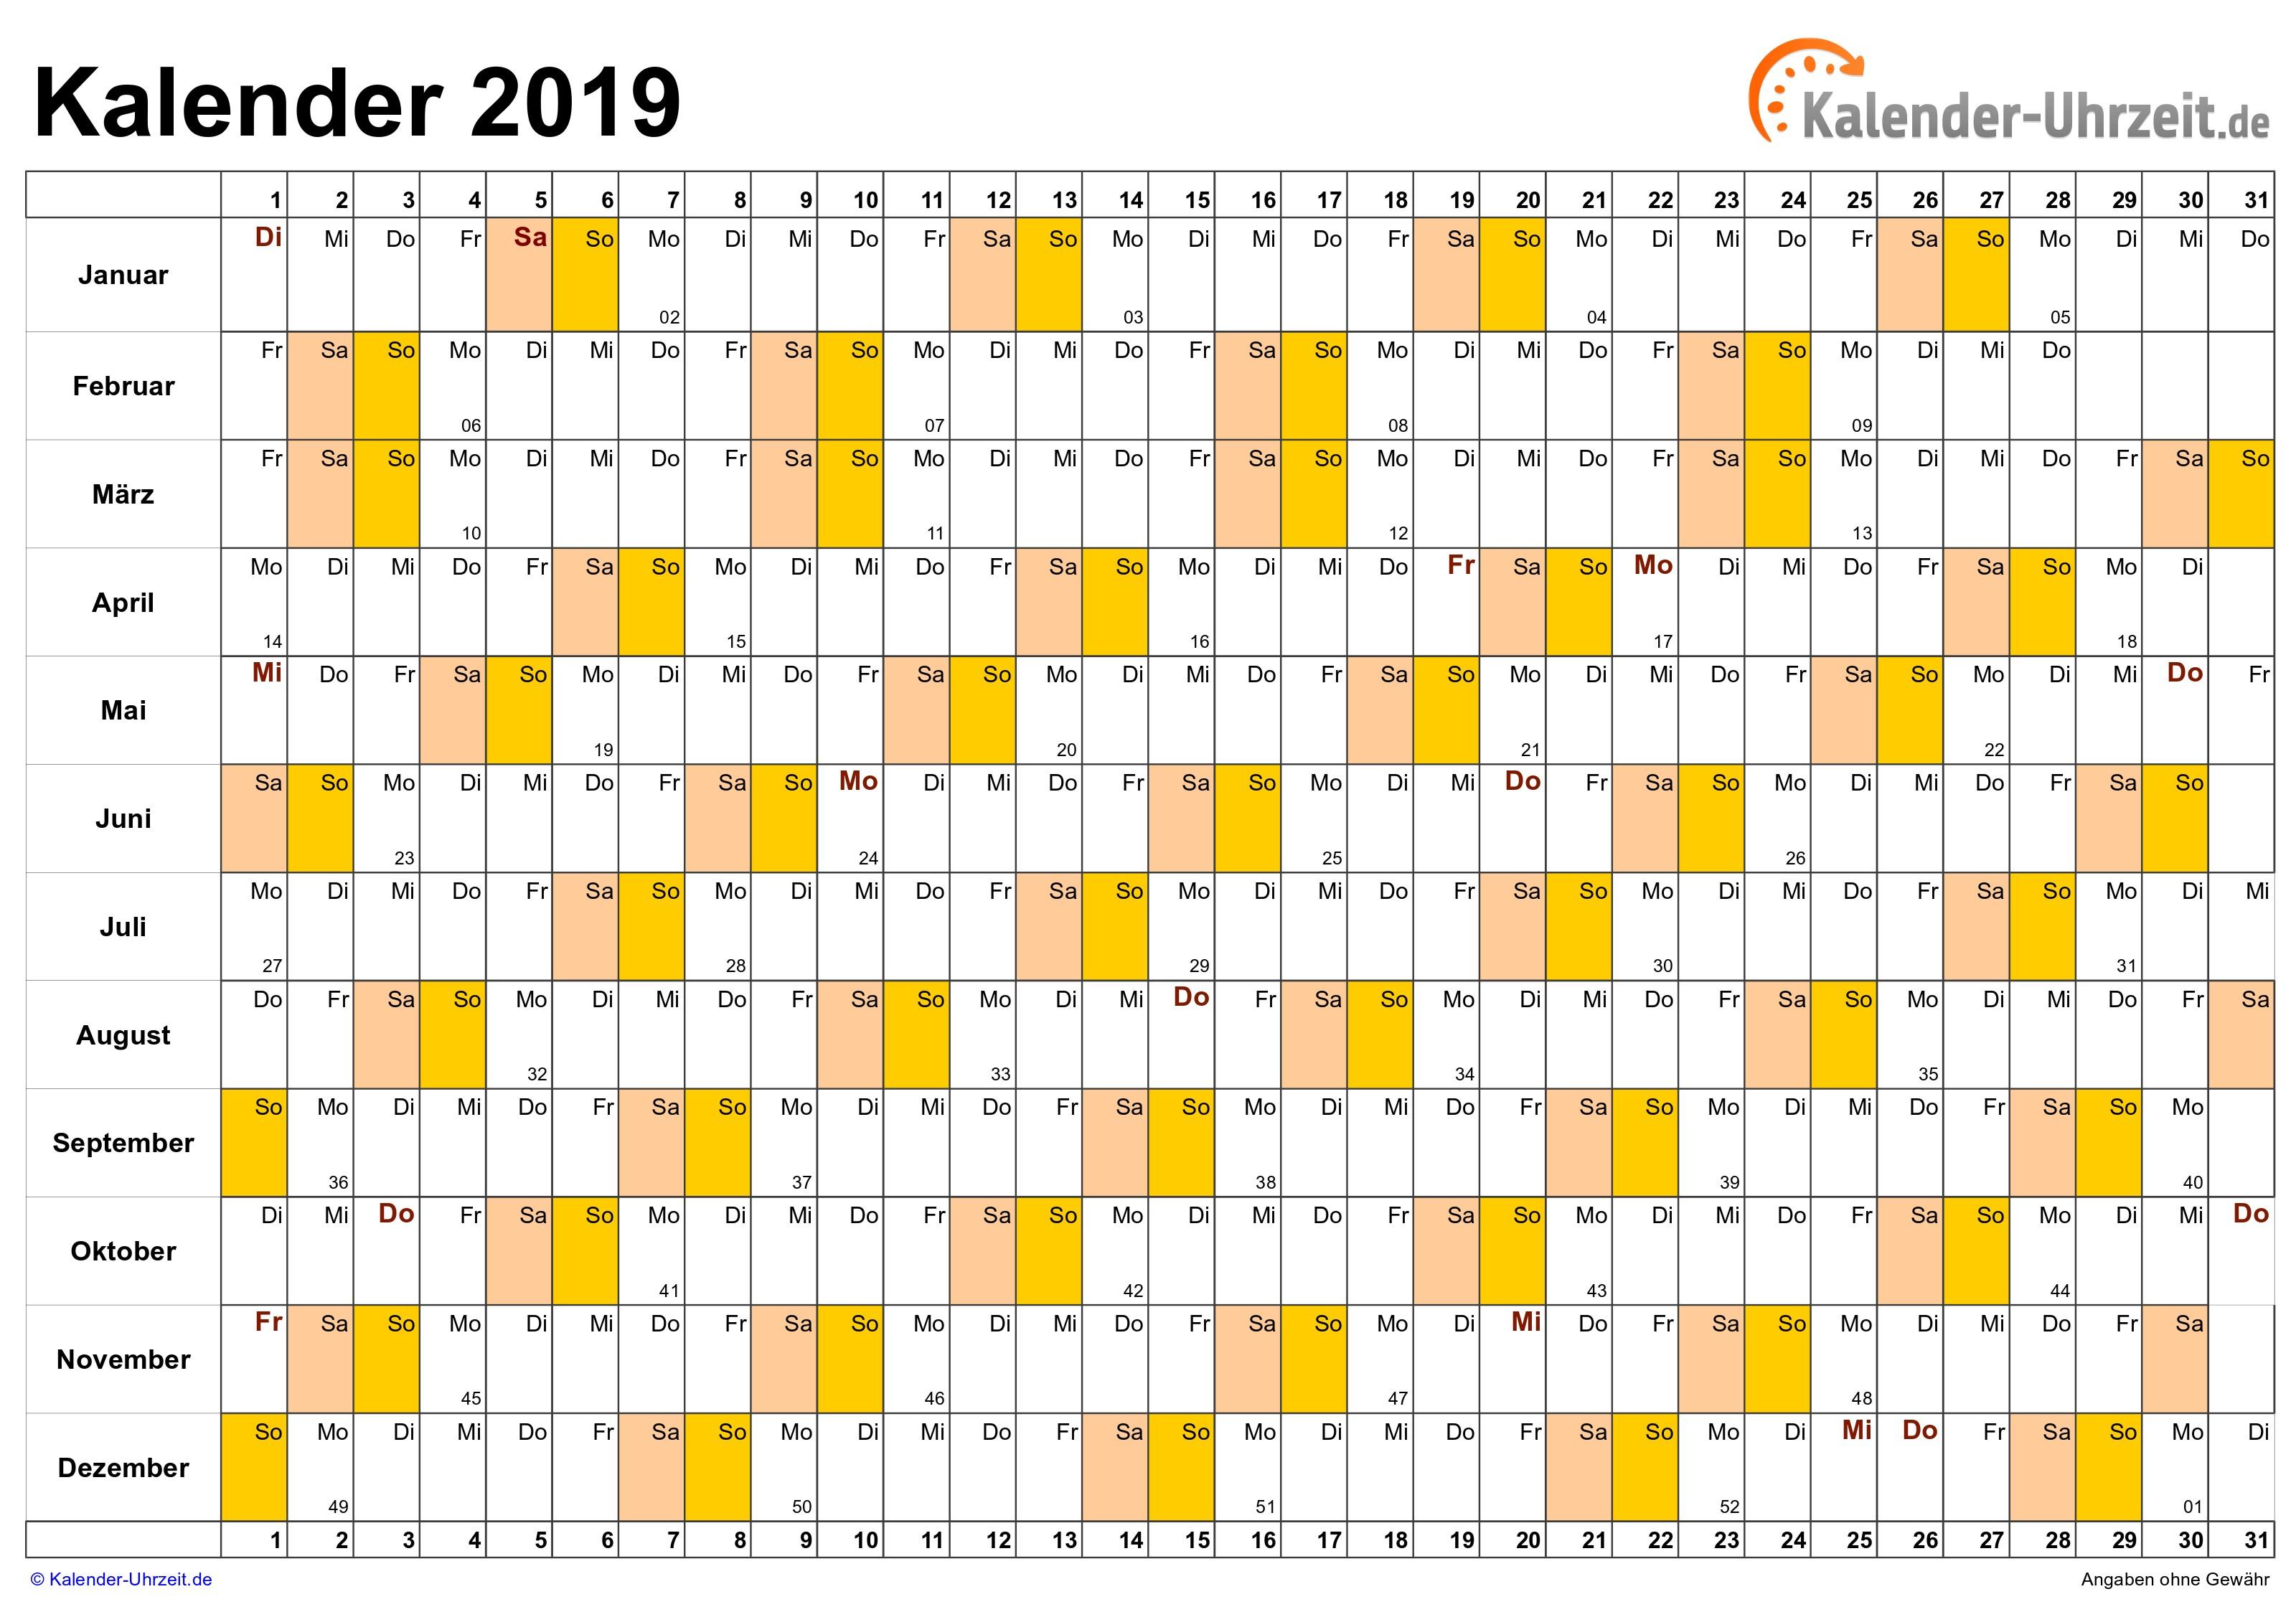 Kalender 2019 Pdf Schönherr Recientes Kalender 2019 Zum Ausdrucken Kostenlos